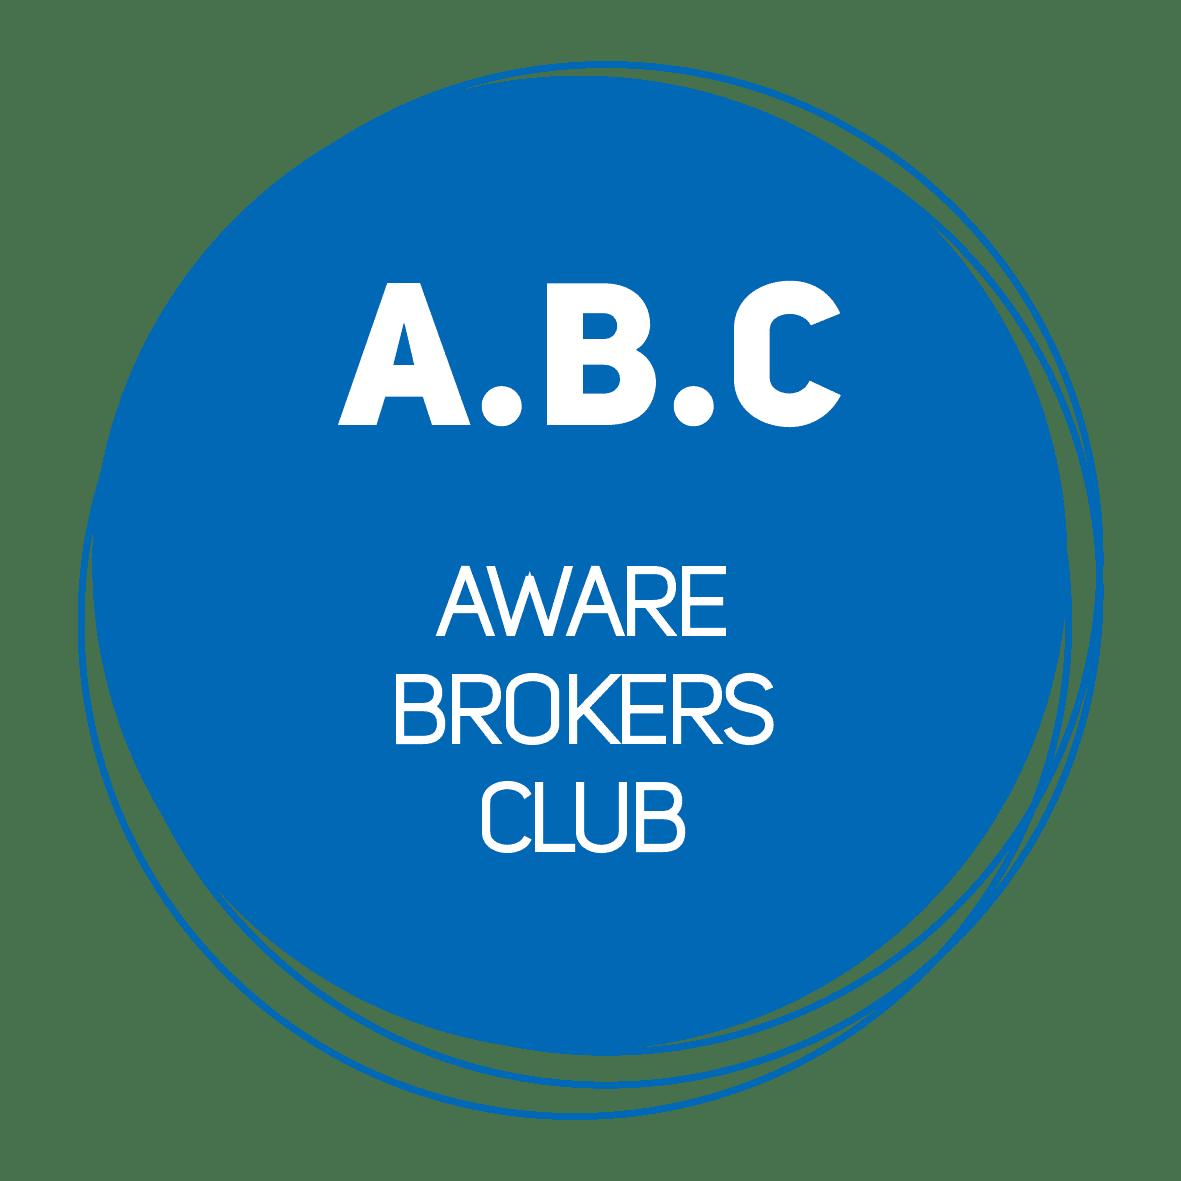 sites/41164617/Aware Brokers Club.png